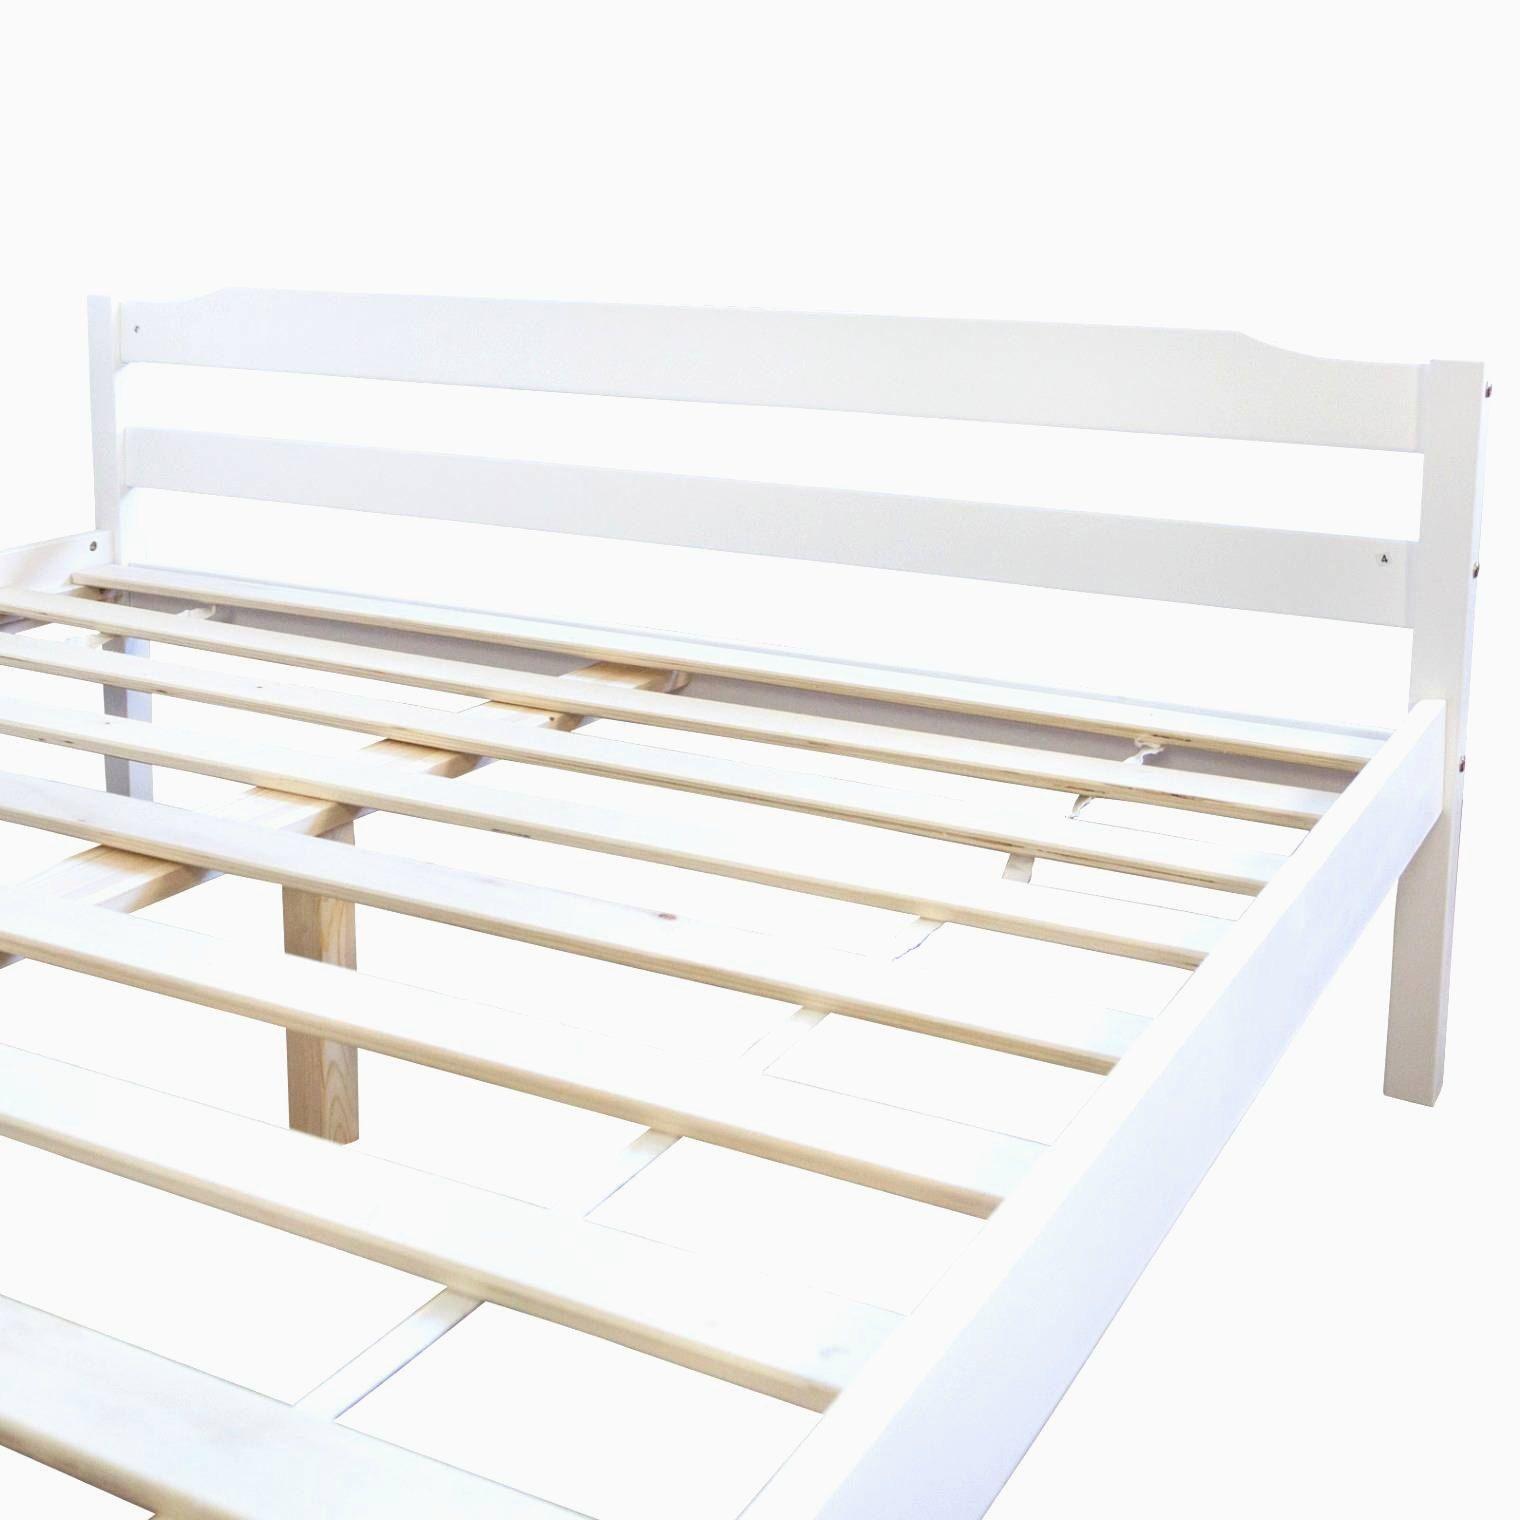 Bett Weiss 140x200 In 2020 Bett 140x200 Weiss Massiv Bett Bett 140x200